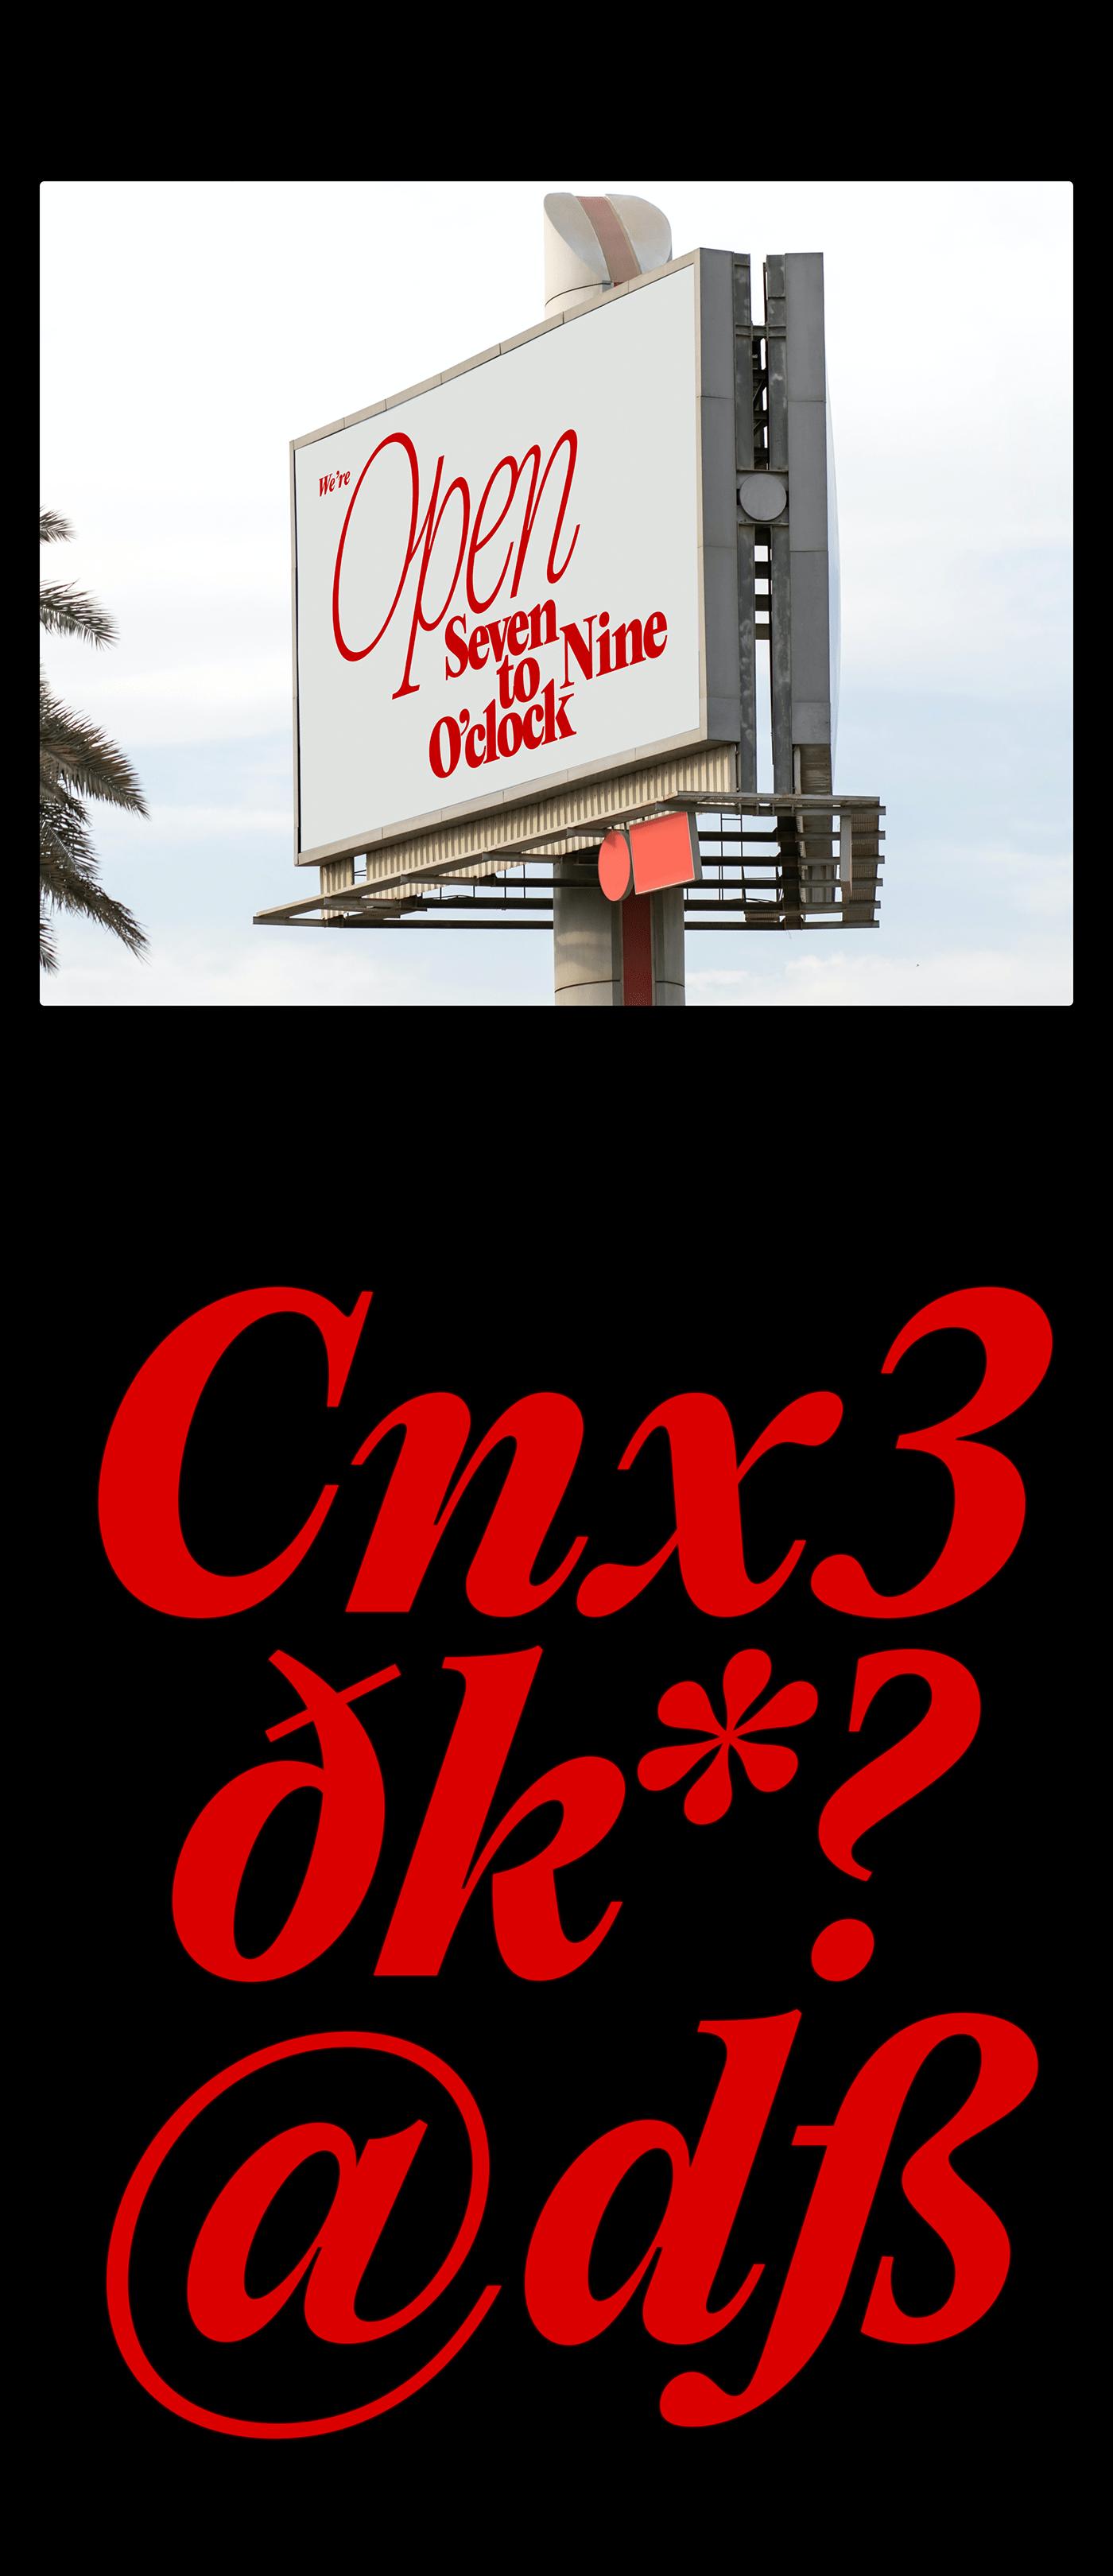 font free Free font free serif free type quality font serif Serif Font type typefaces